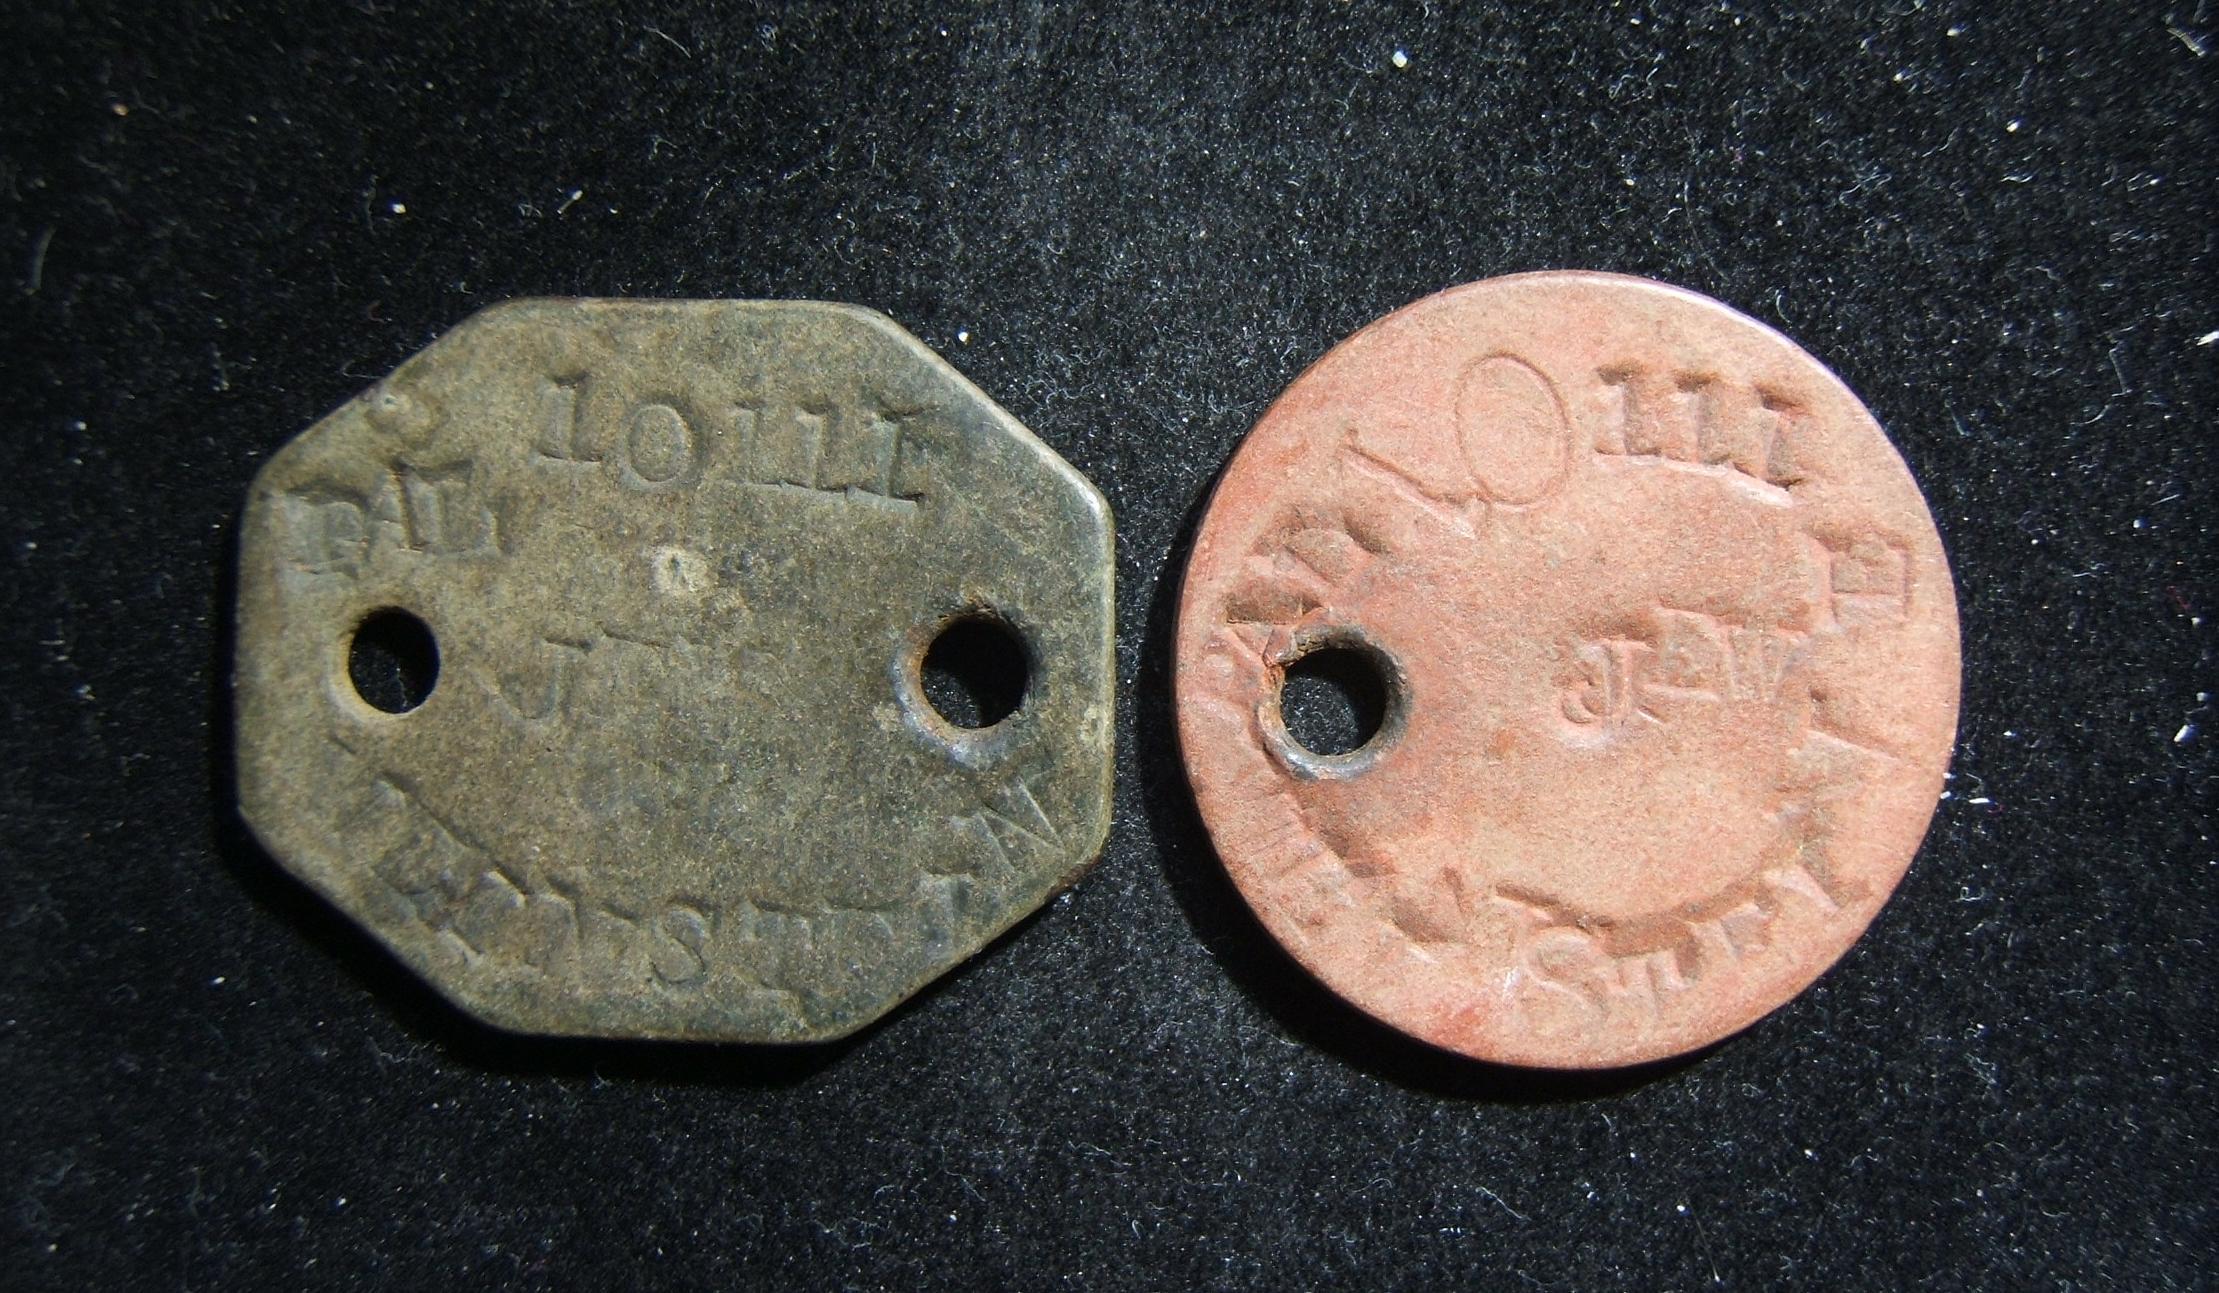 Großbritannien: Satz x2 Identität-Markierungen, gehöre zu palästinensischen jüdischen Soldaten, ca. 1914-1918; Gewicht: 1) 1,95 g und 2) 1,65 g. Markierungen tragen praktisch diese